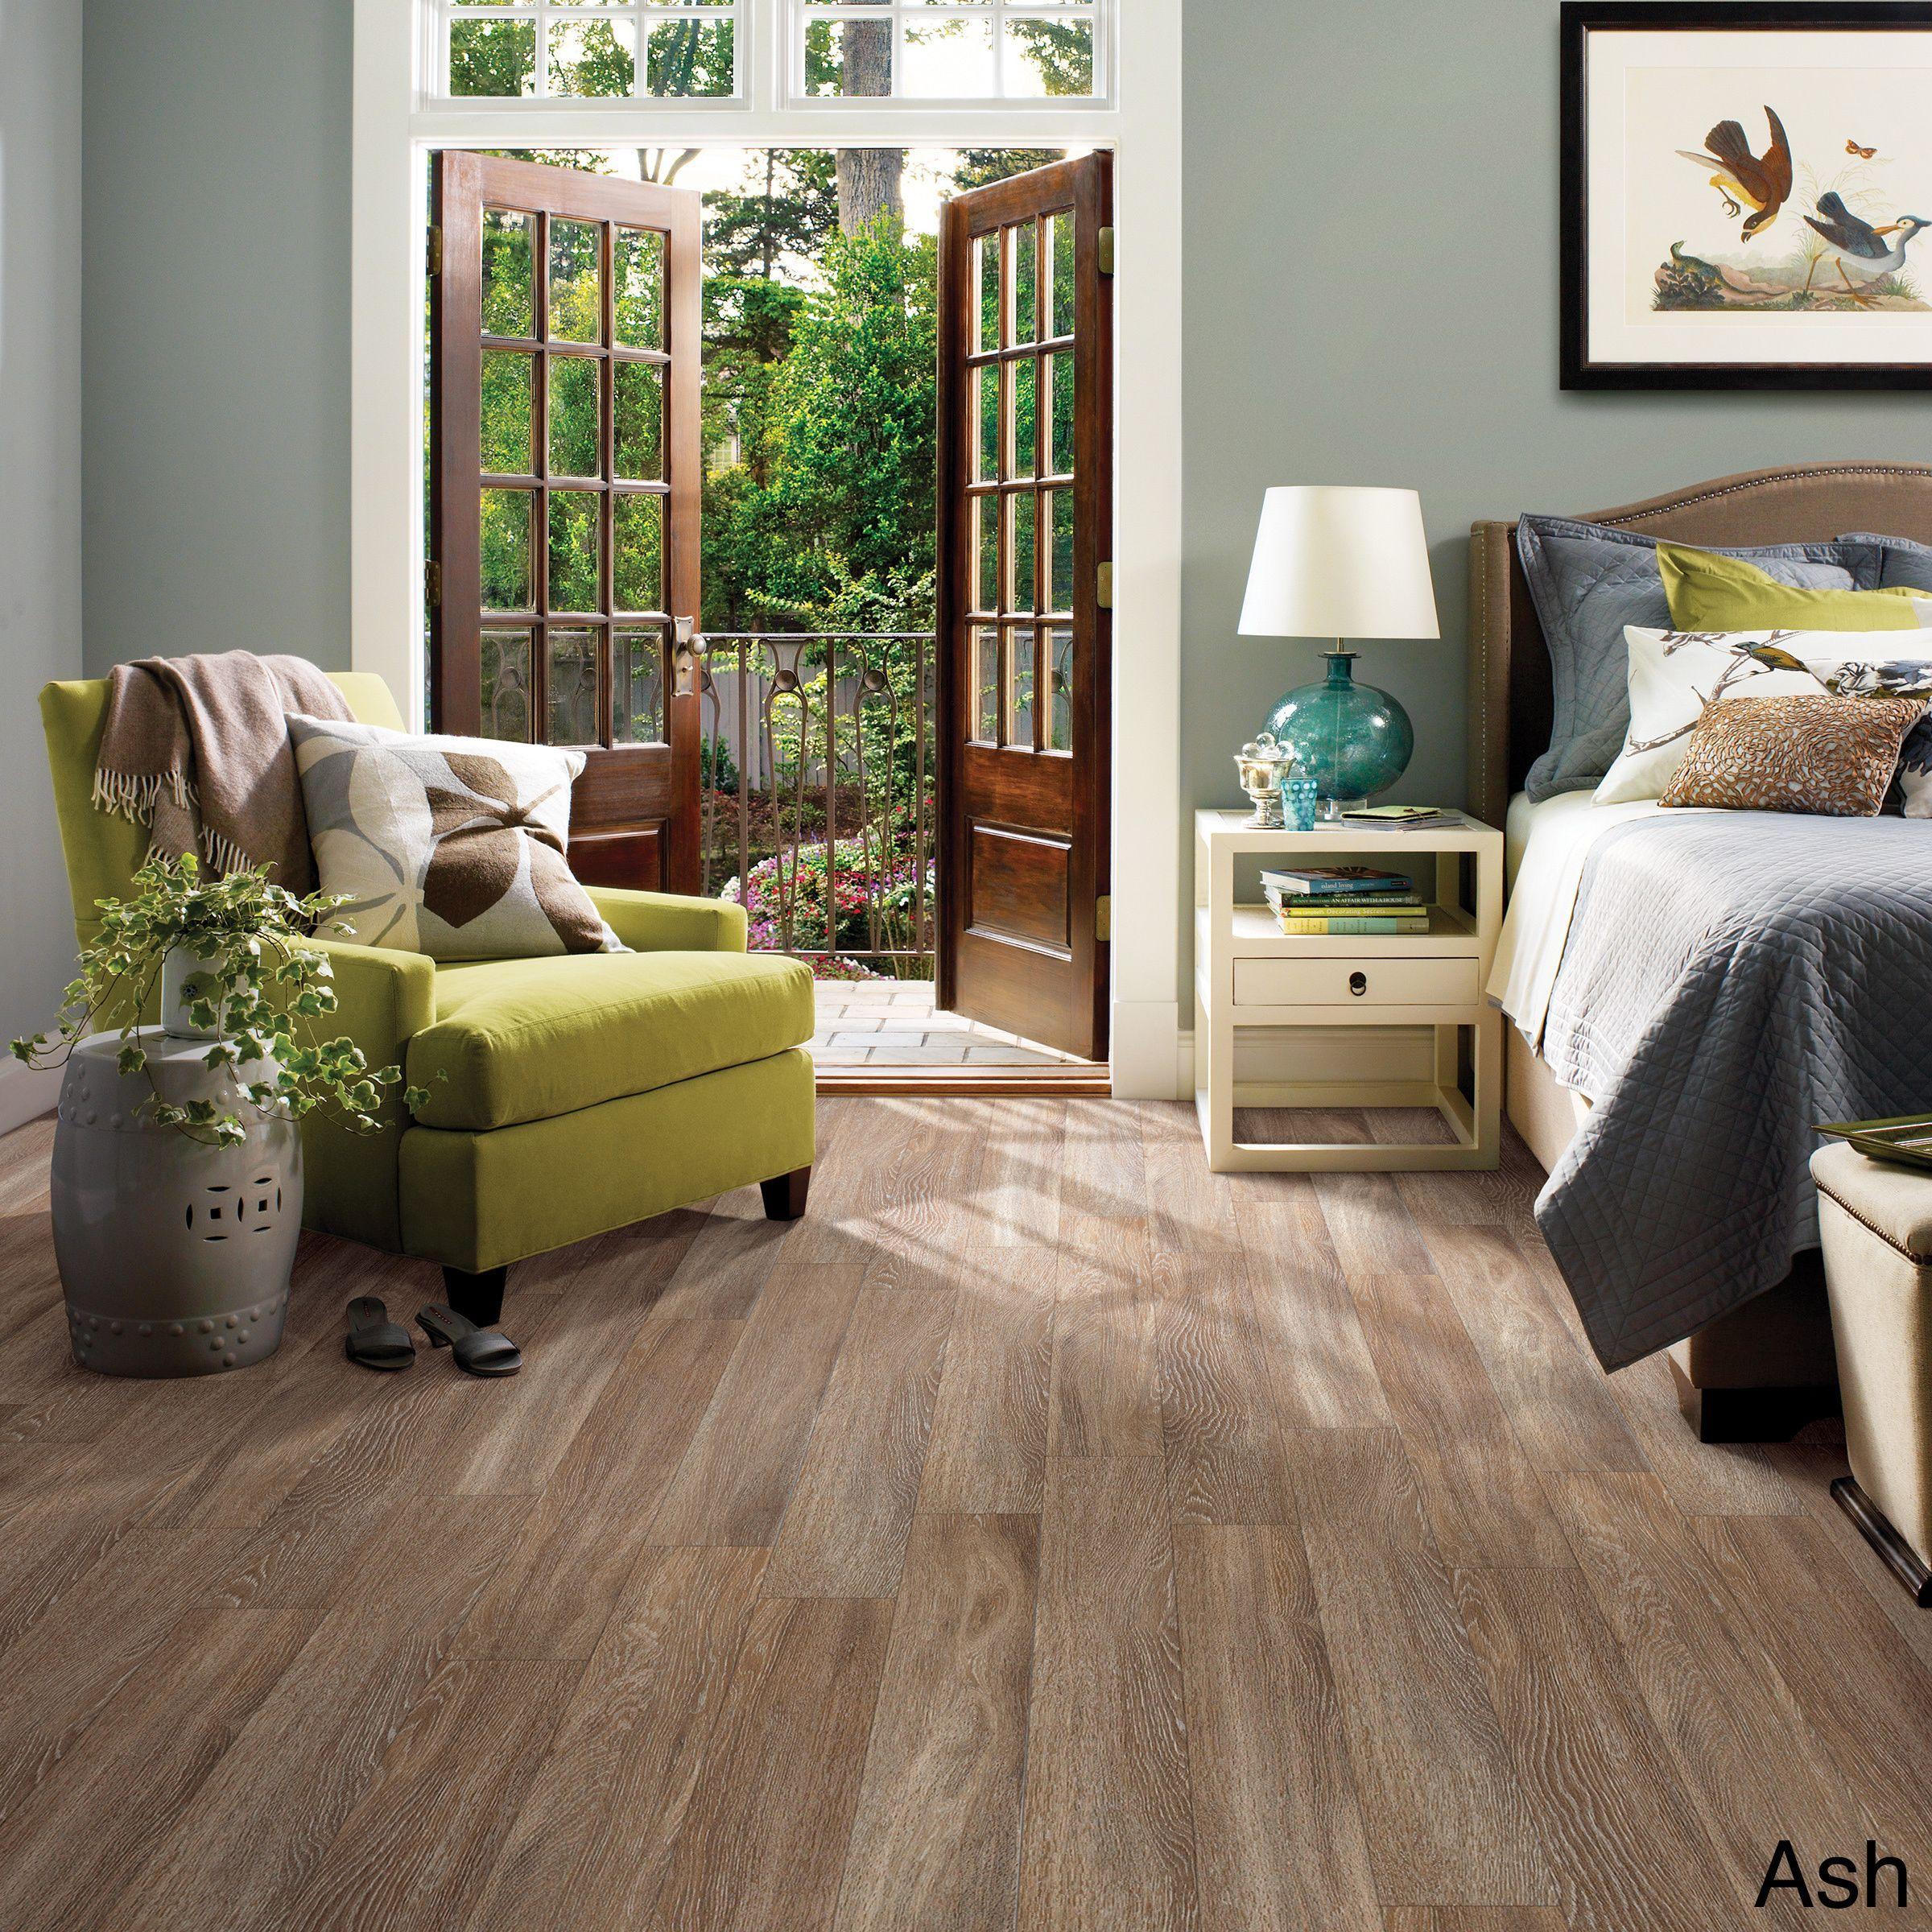 Shop For Harwich Oak Luxury Vinyl Plank Flooring Get Free Shipping - Buy vinyl plank flooring online